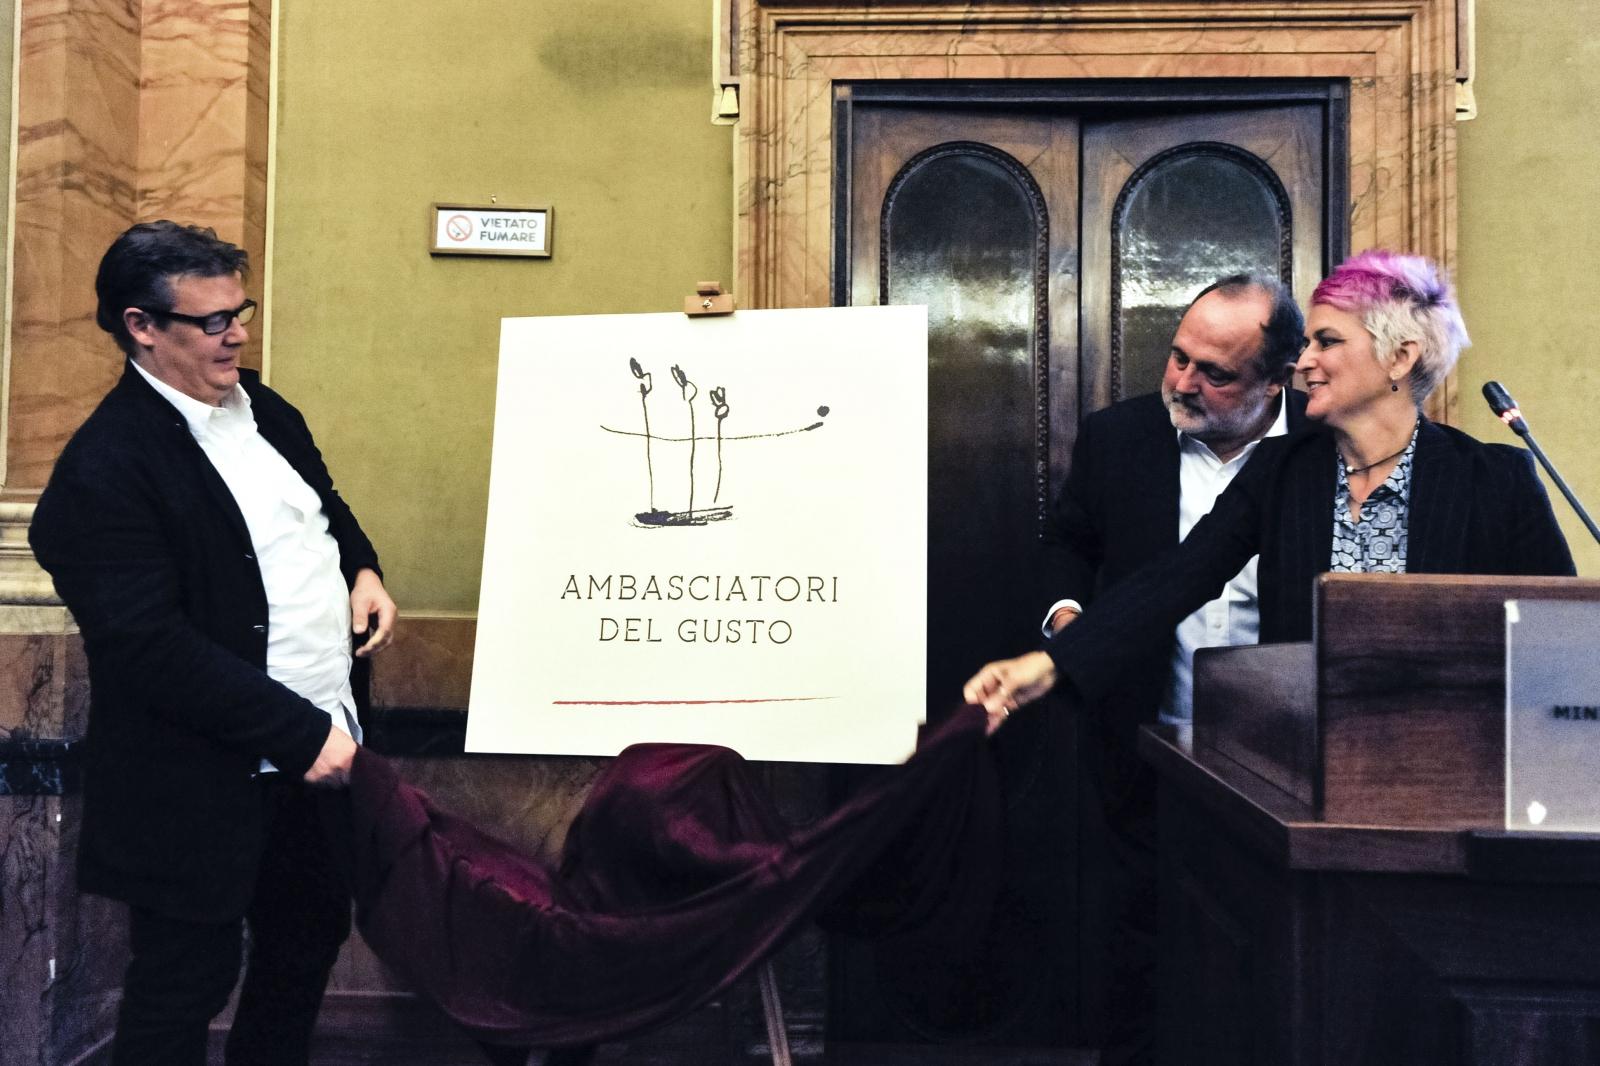 Ambasciatori del Gusto for Italy